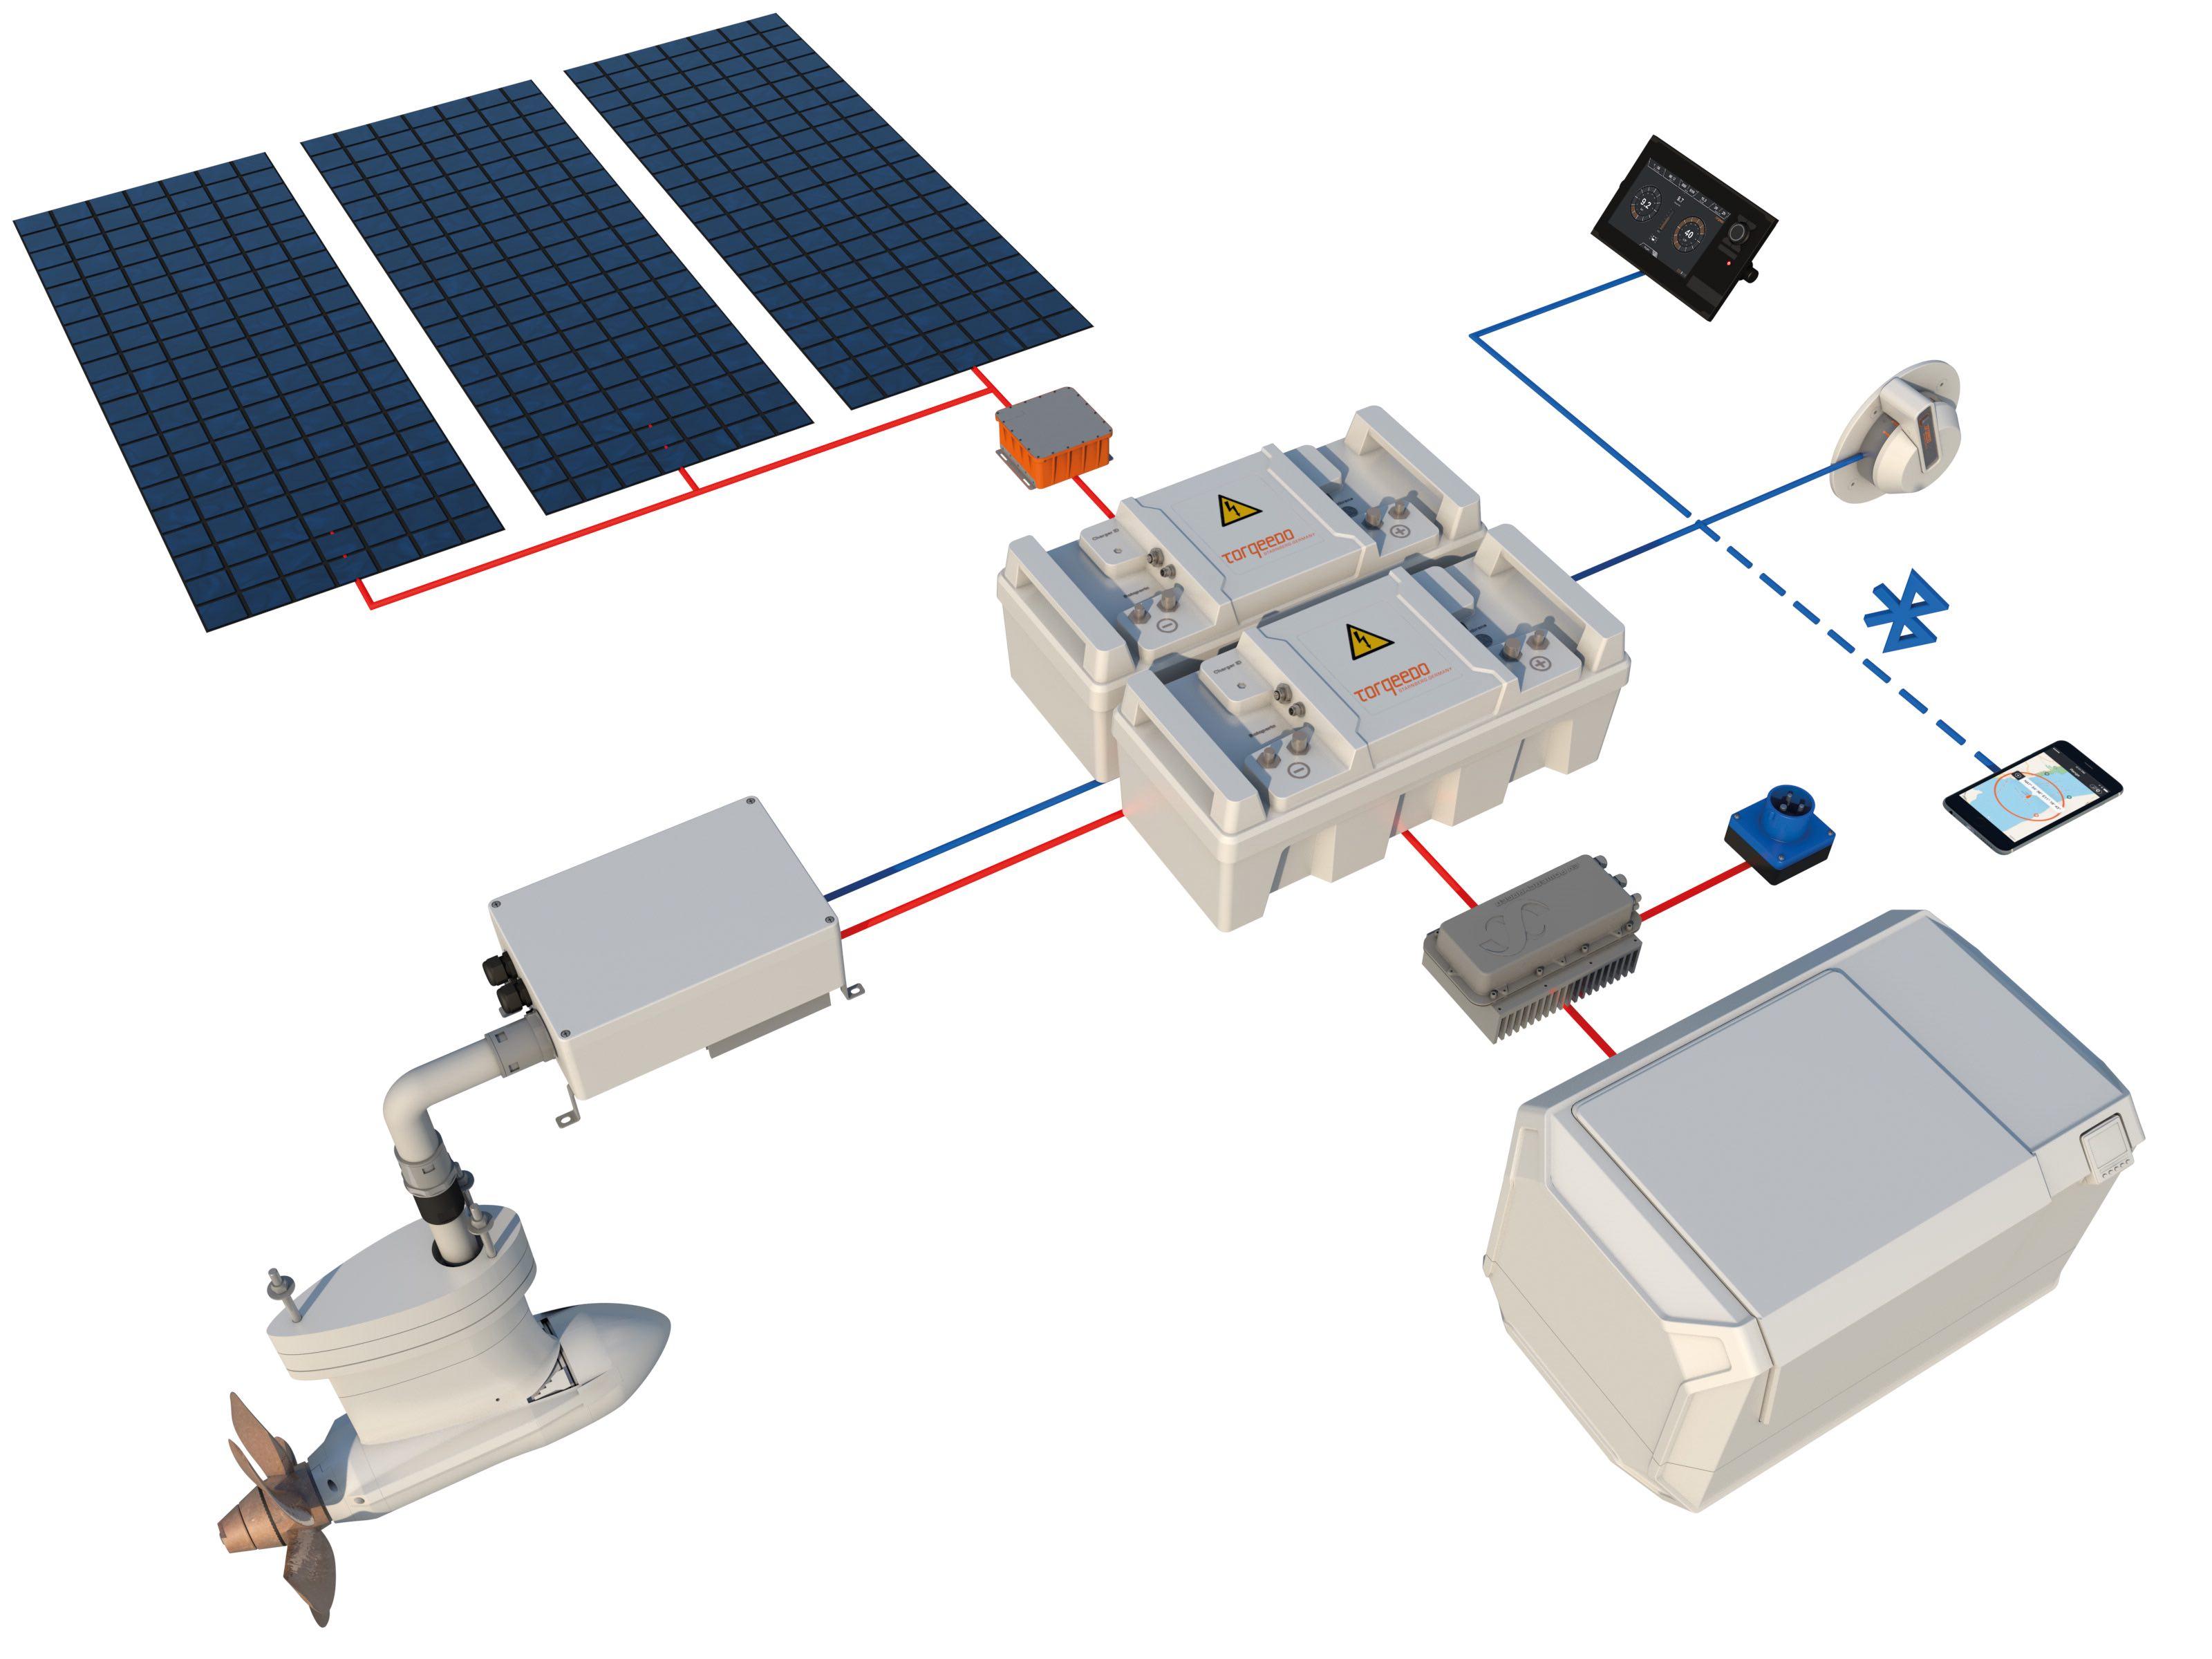 Schema eines Torqeedo Antriebssystems